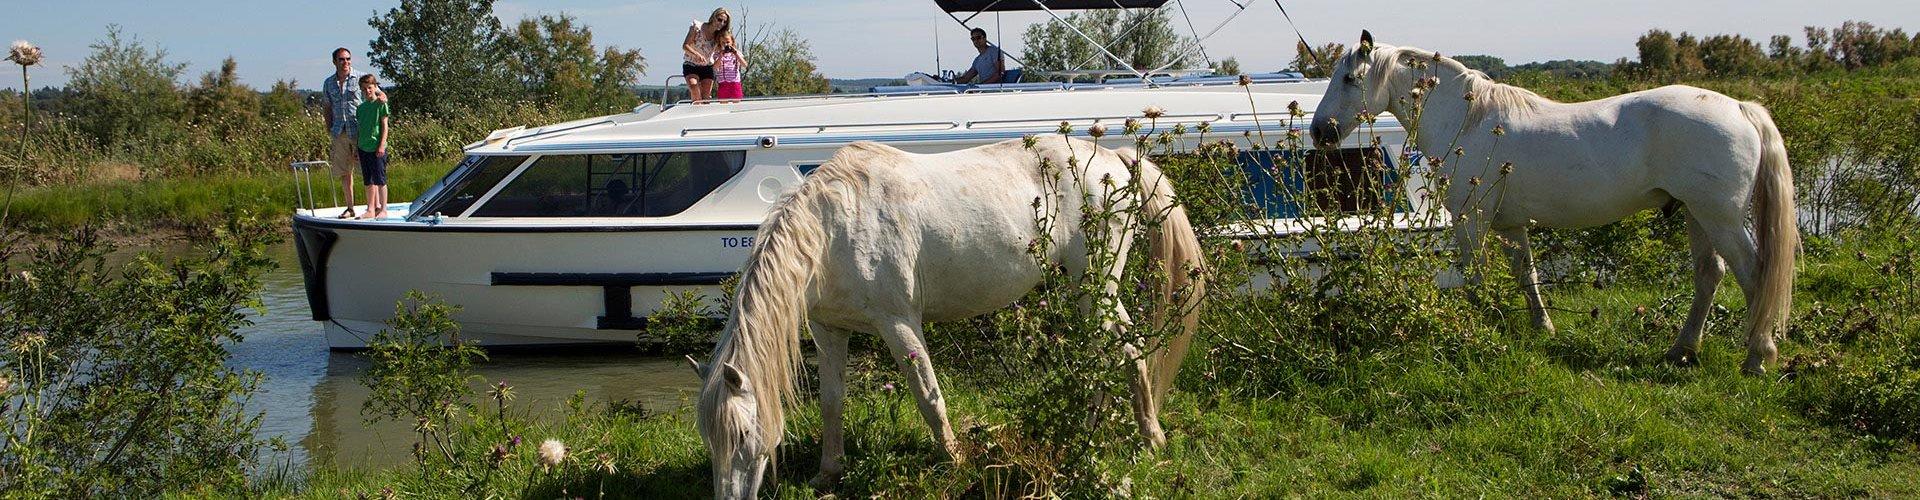 Vacaciones en barco para los amantes de la equitación